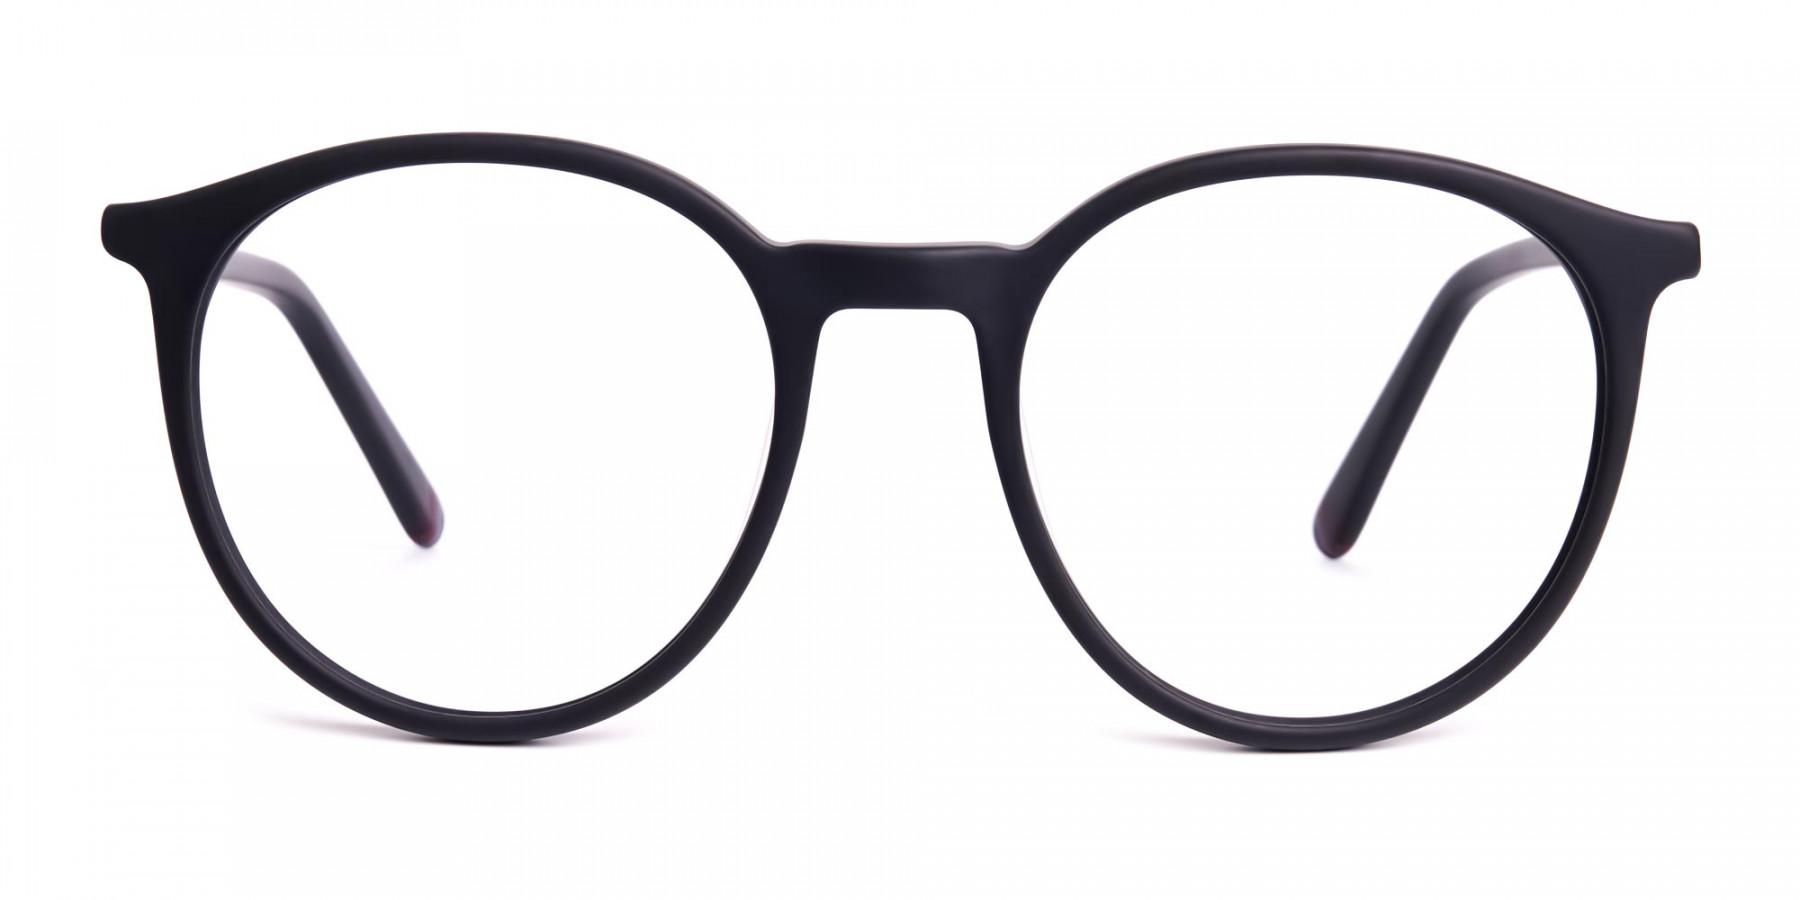 Matte-black-full-rim-Round-Glasses-frames-1